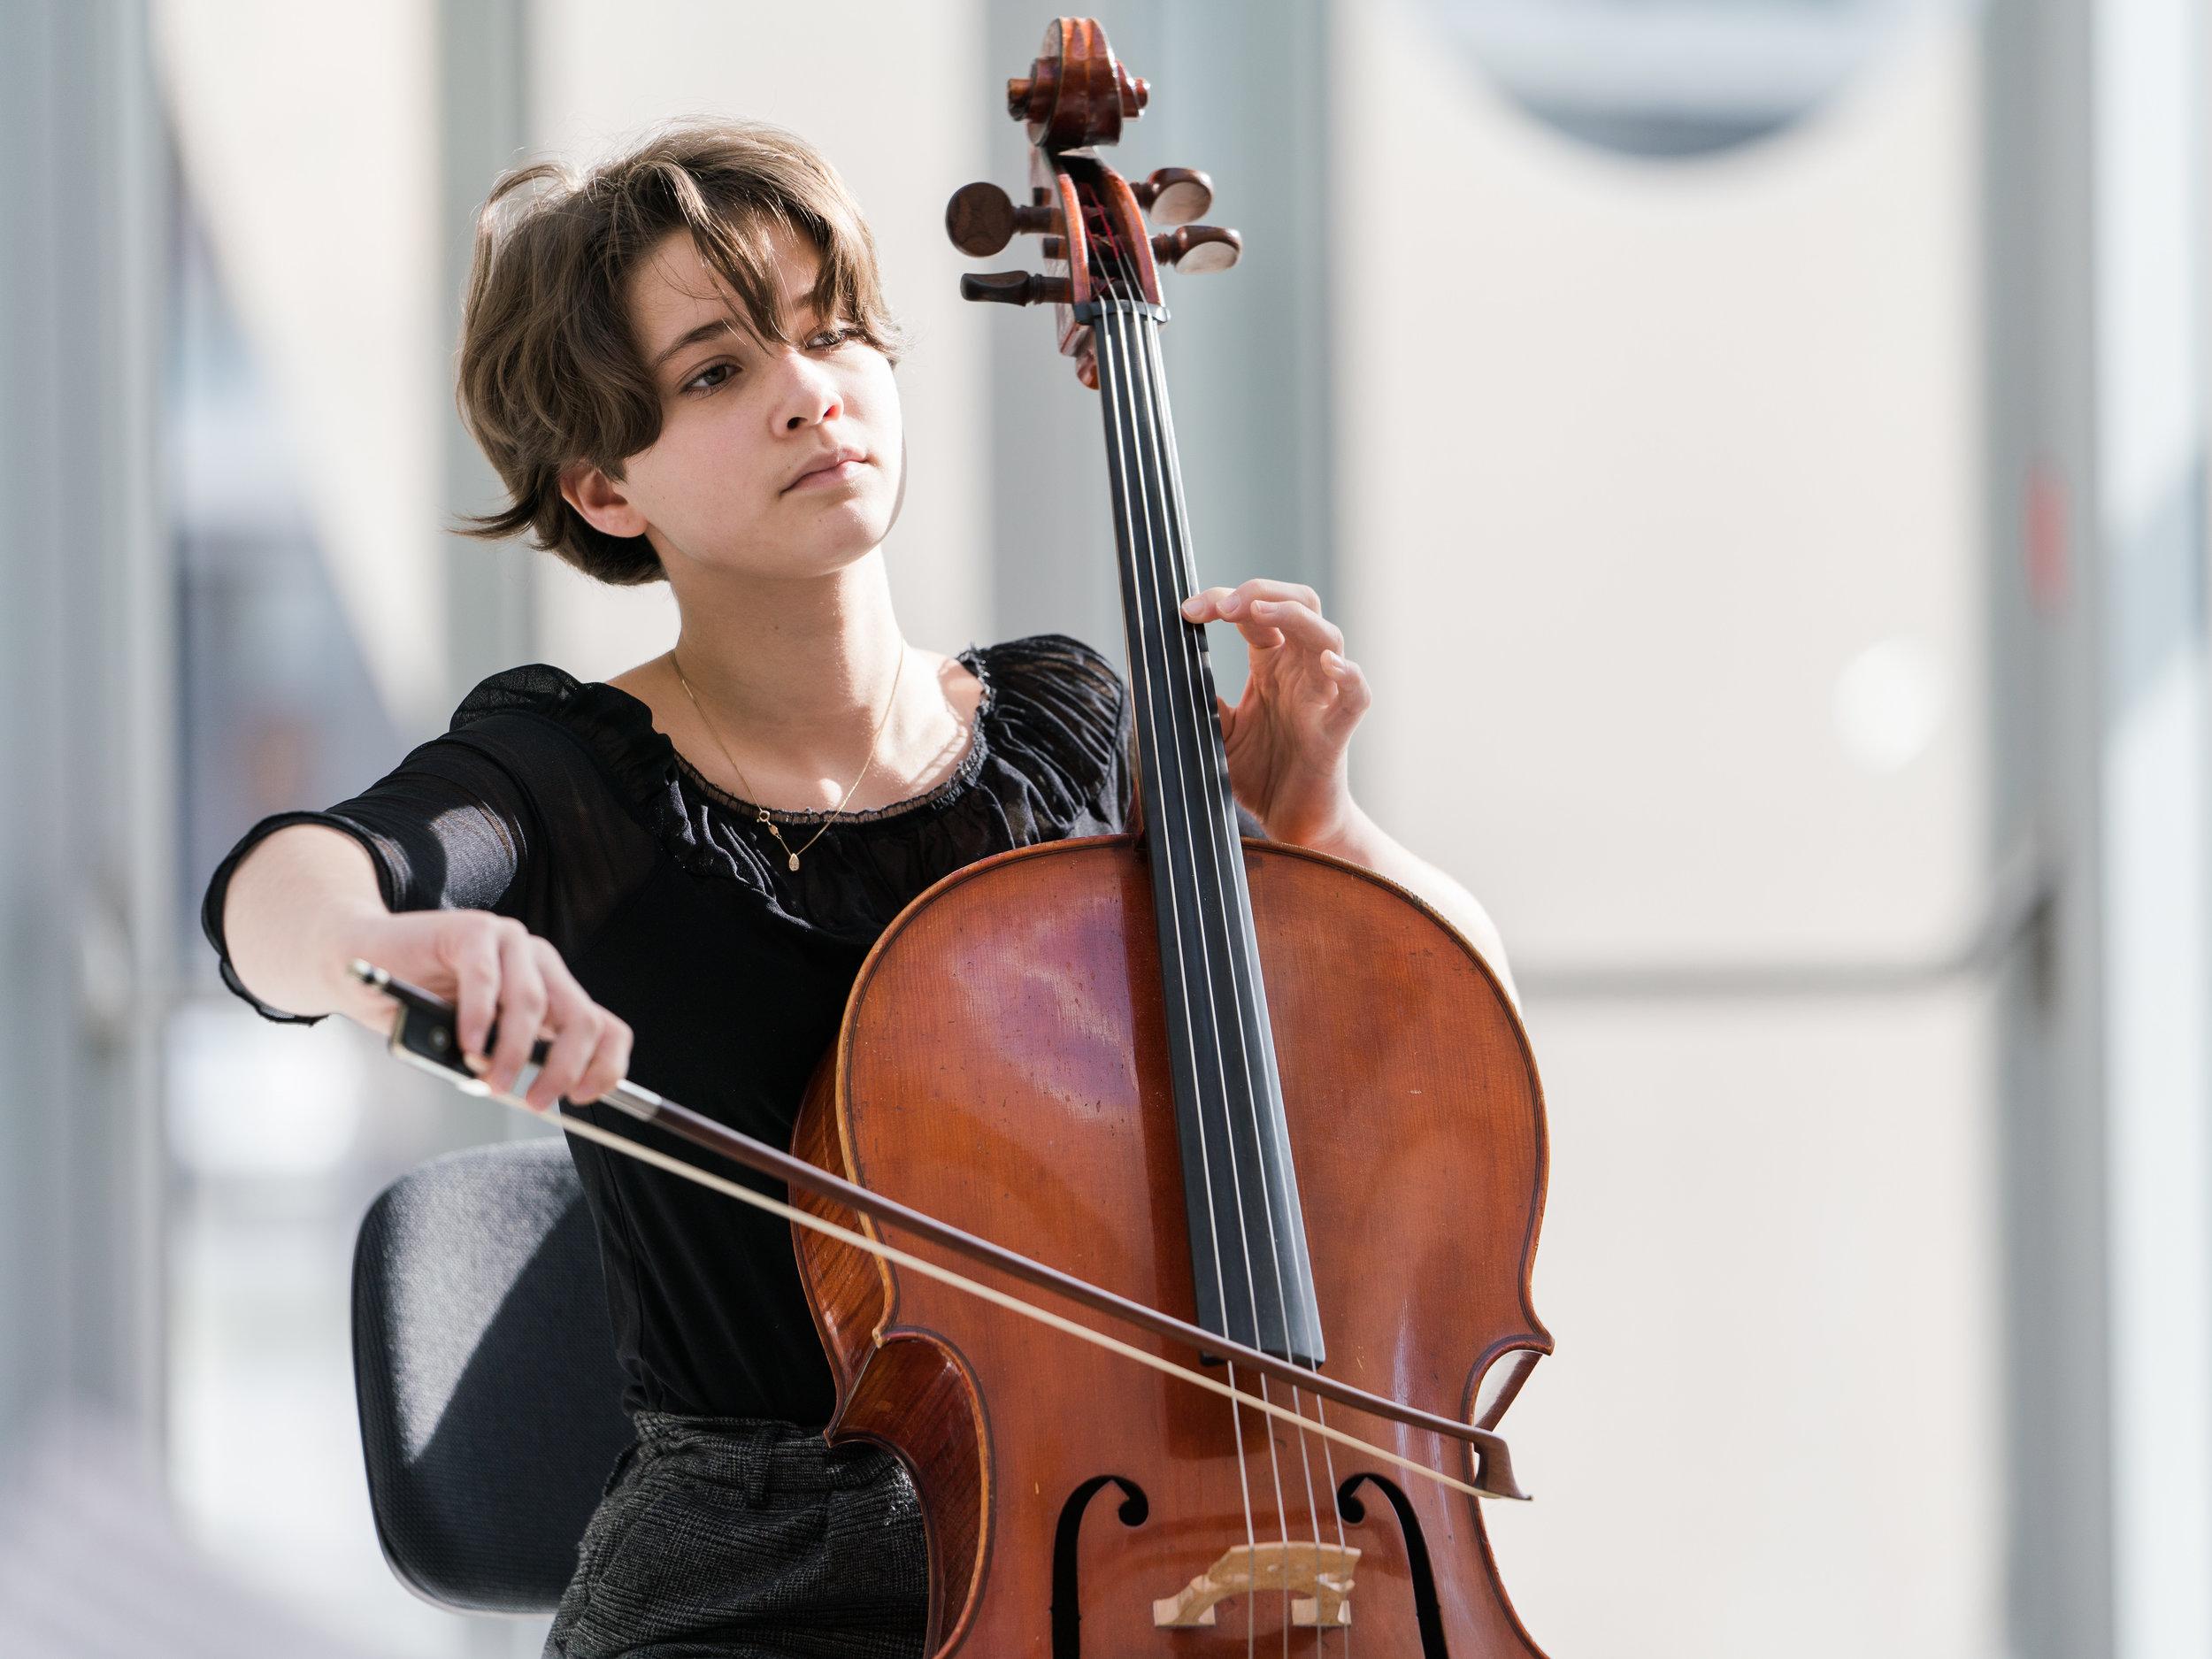 Konzert am Mittag - Cello20180206_008-036.jpg